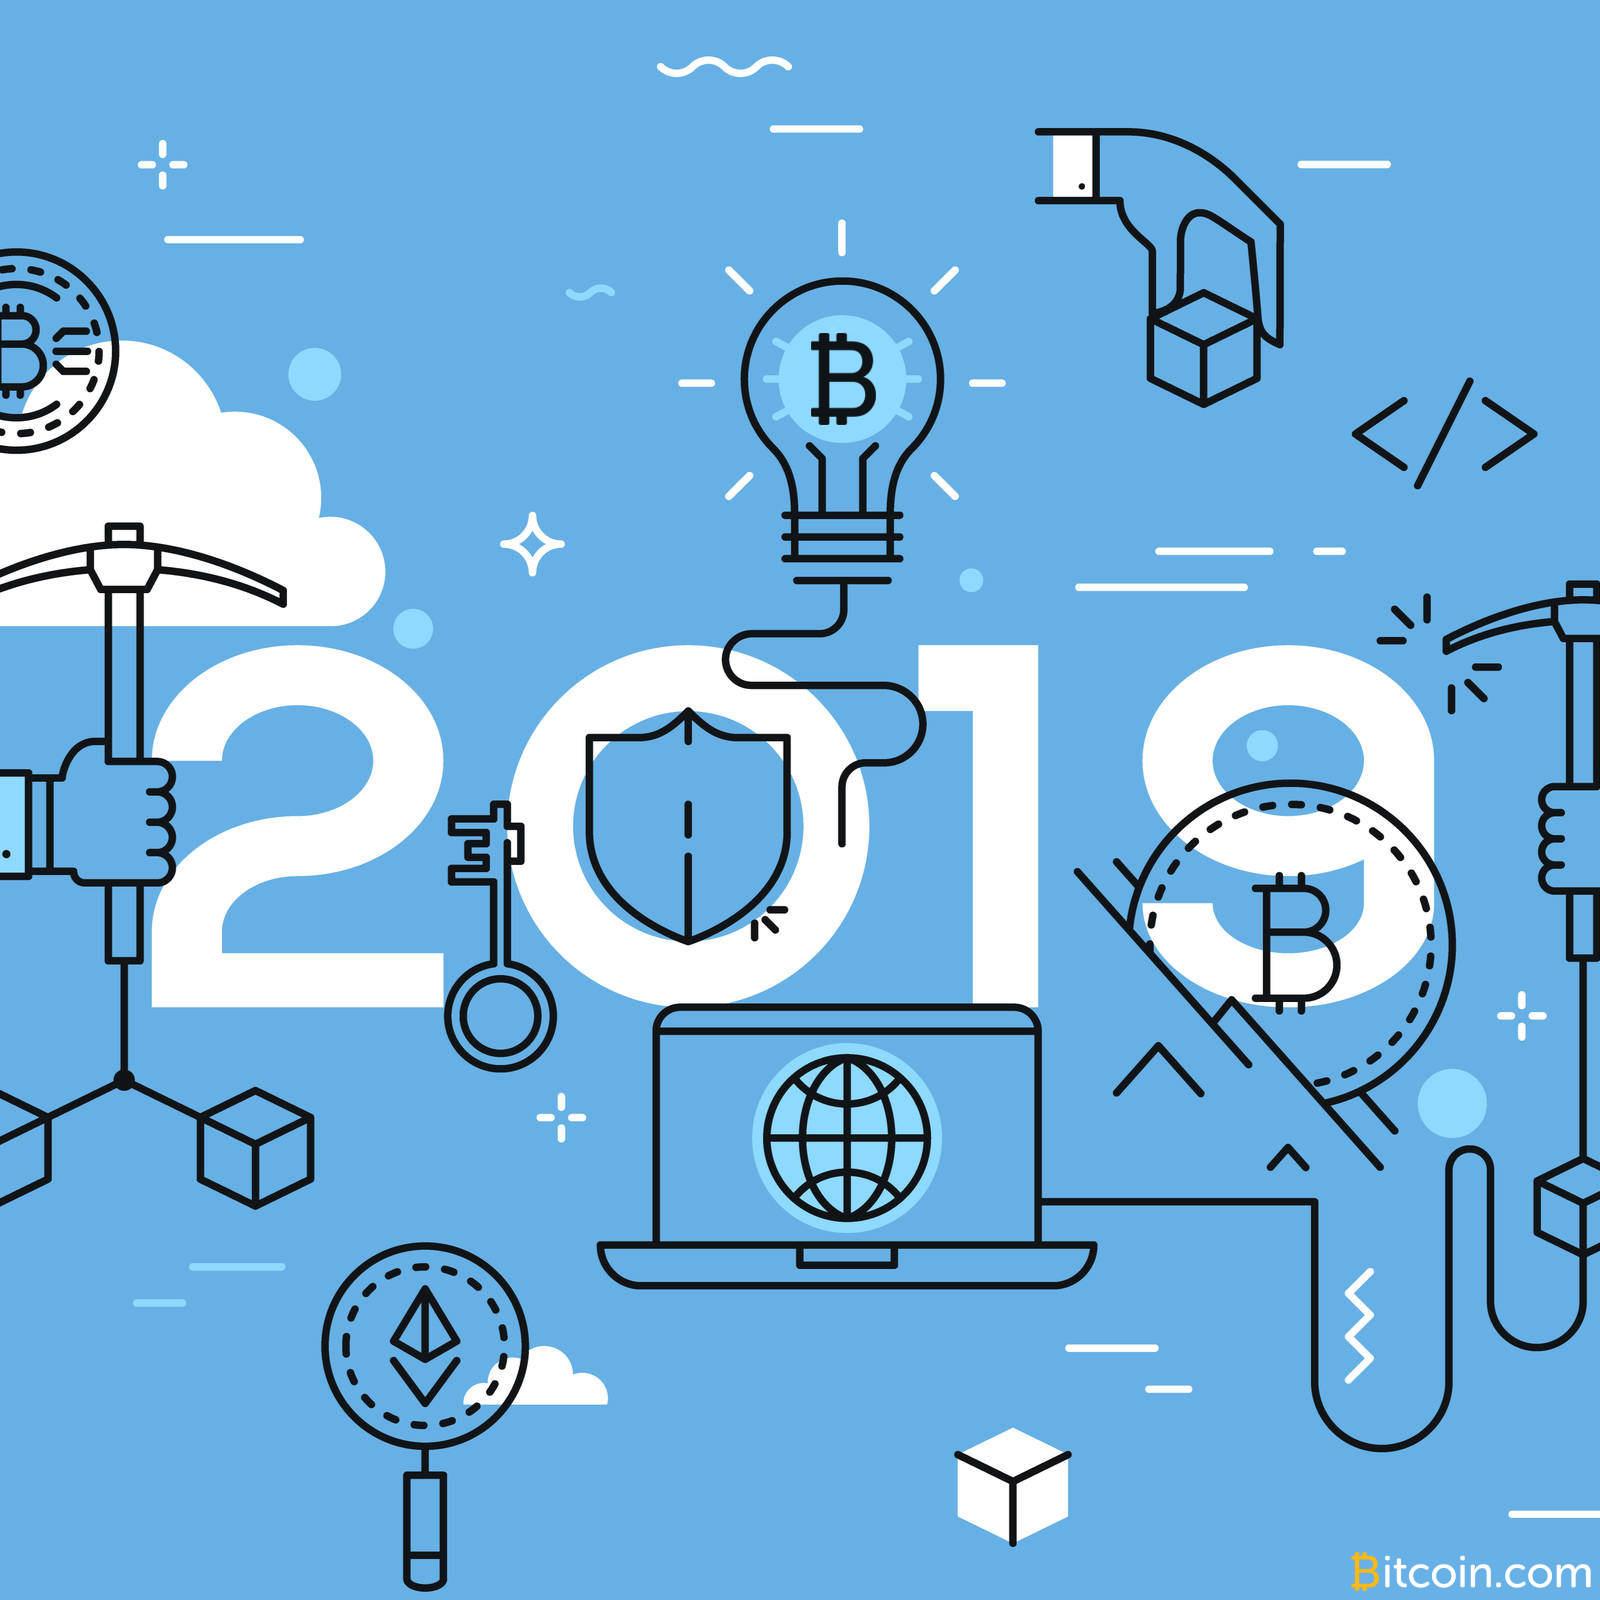 هفت چشم انداز اصلی صنعت بلاک چین و رمز ارز ها در سال ۲۰۱۹